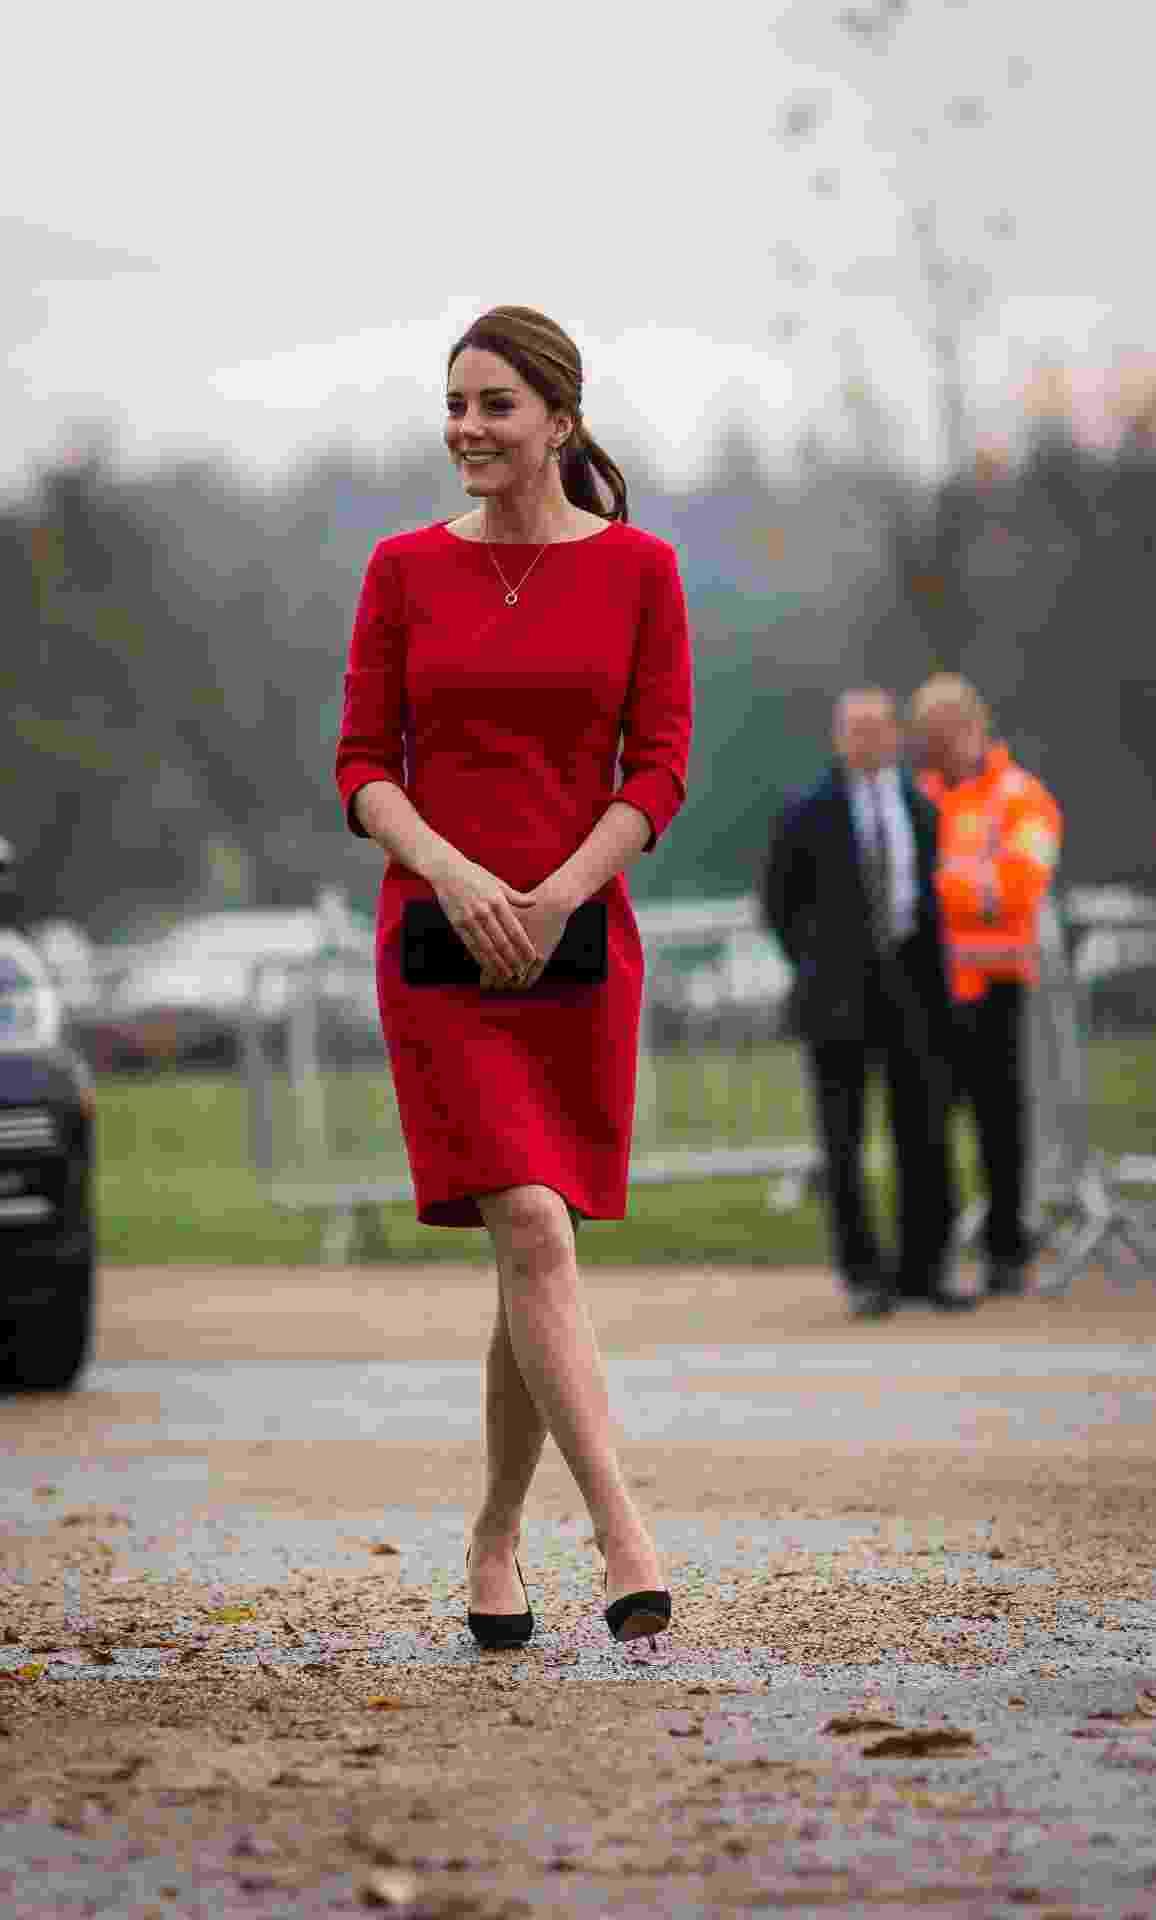 Bem no início da gestação da princesa Charlotte, em 2014, Kate escolheu um vestido com corte estratégico nas laterais, acentuando as curvas ao mesmo tempo em que suaviza a silhueta. - Getty Images